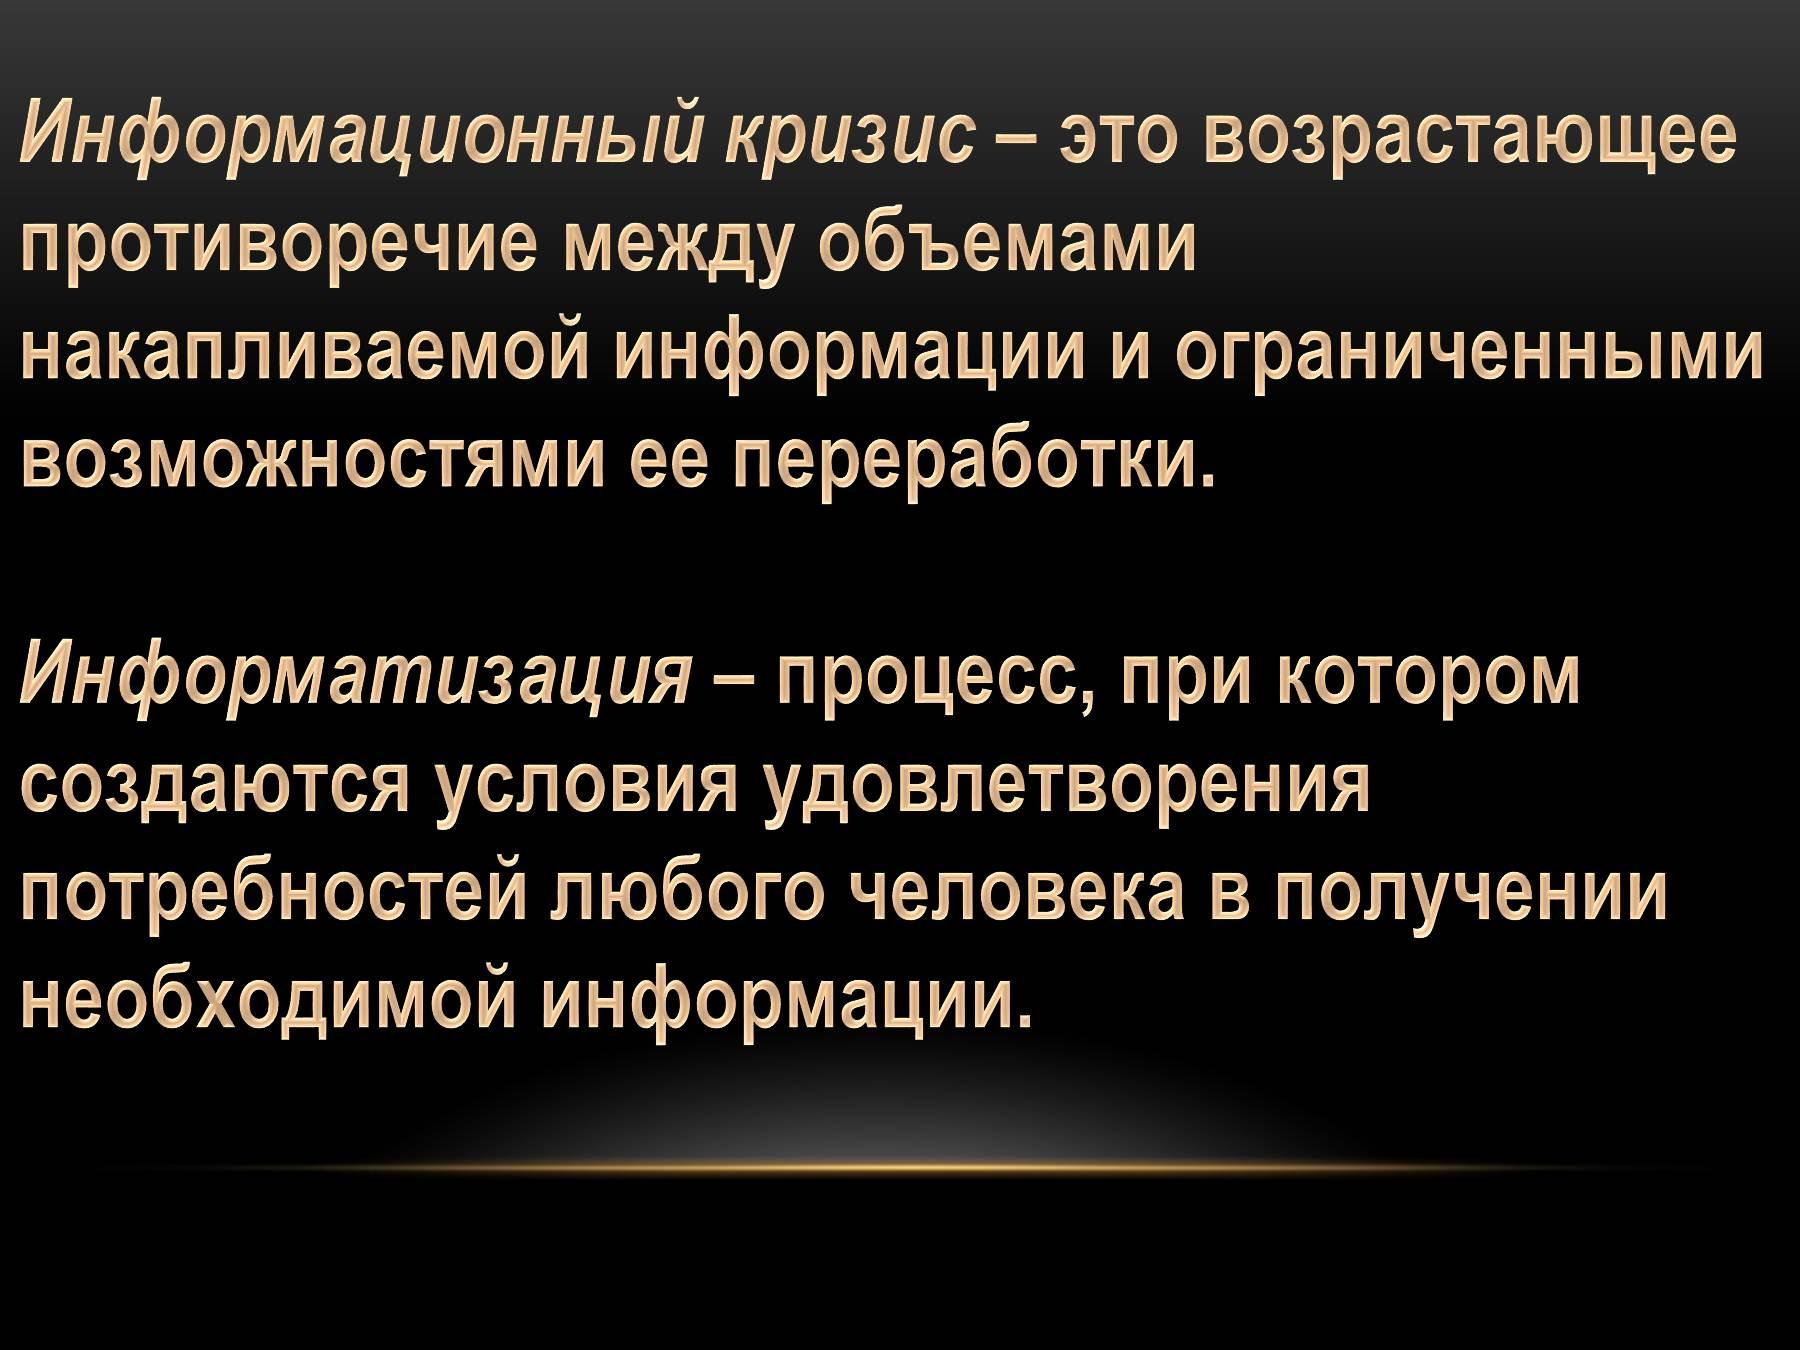 cherti-zrelogo-industrialnogo-obshestva